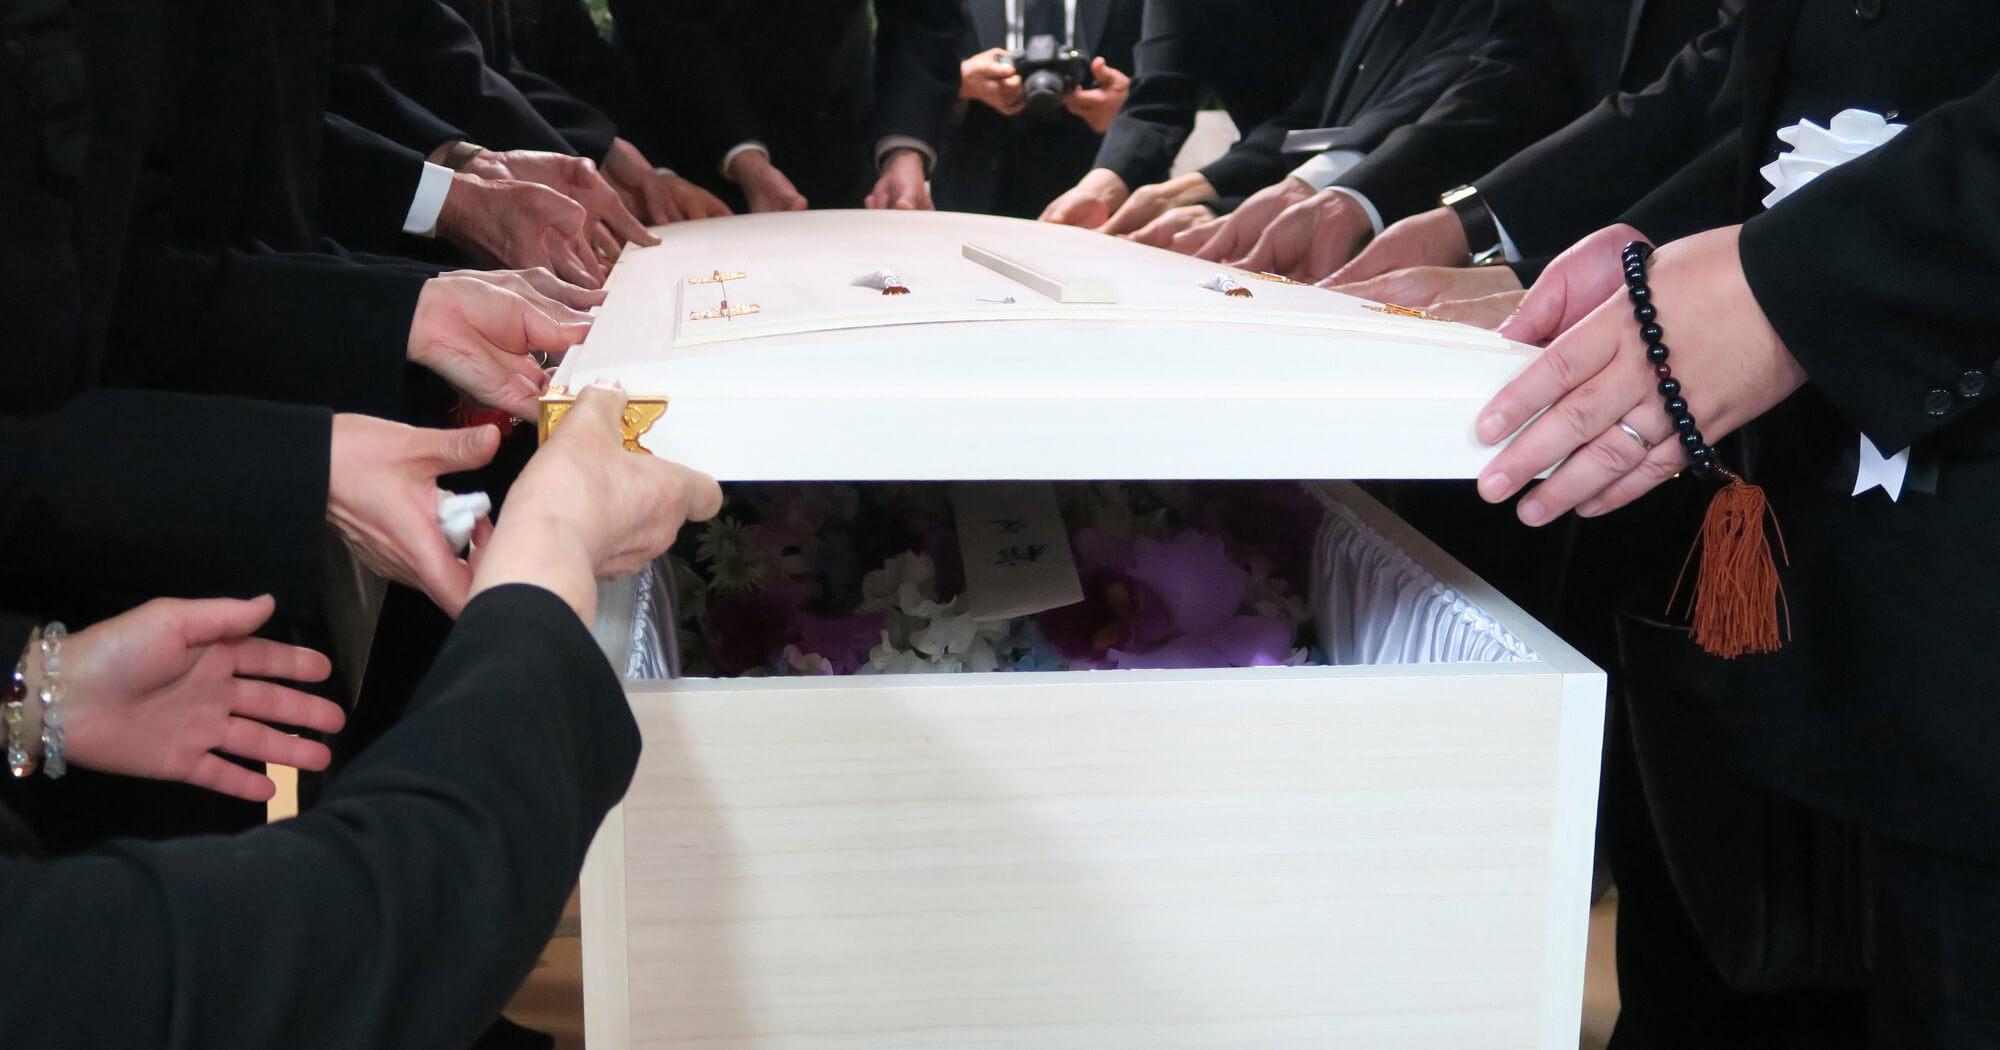 納棺・告別式を行う一日葬のイメージ